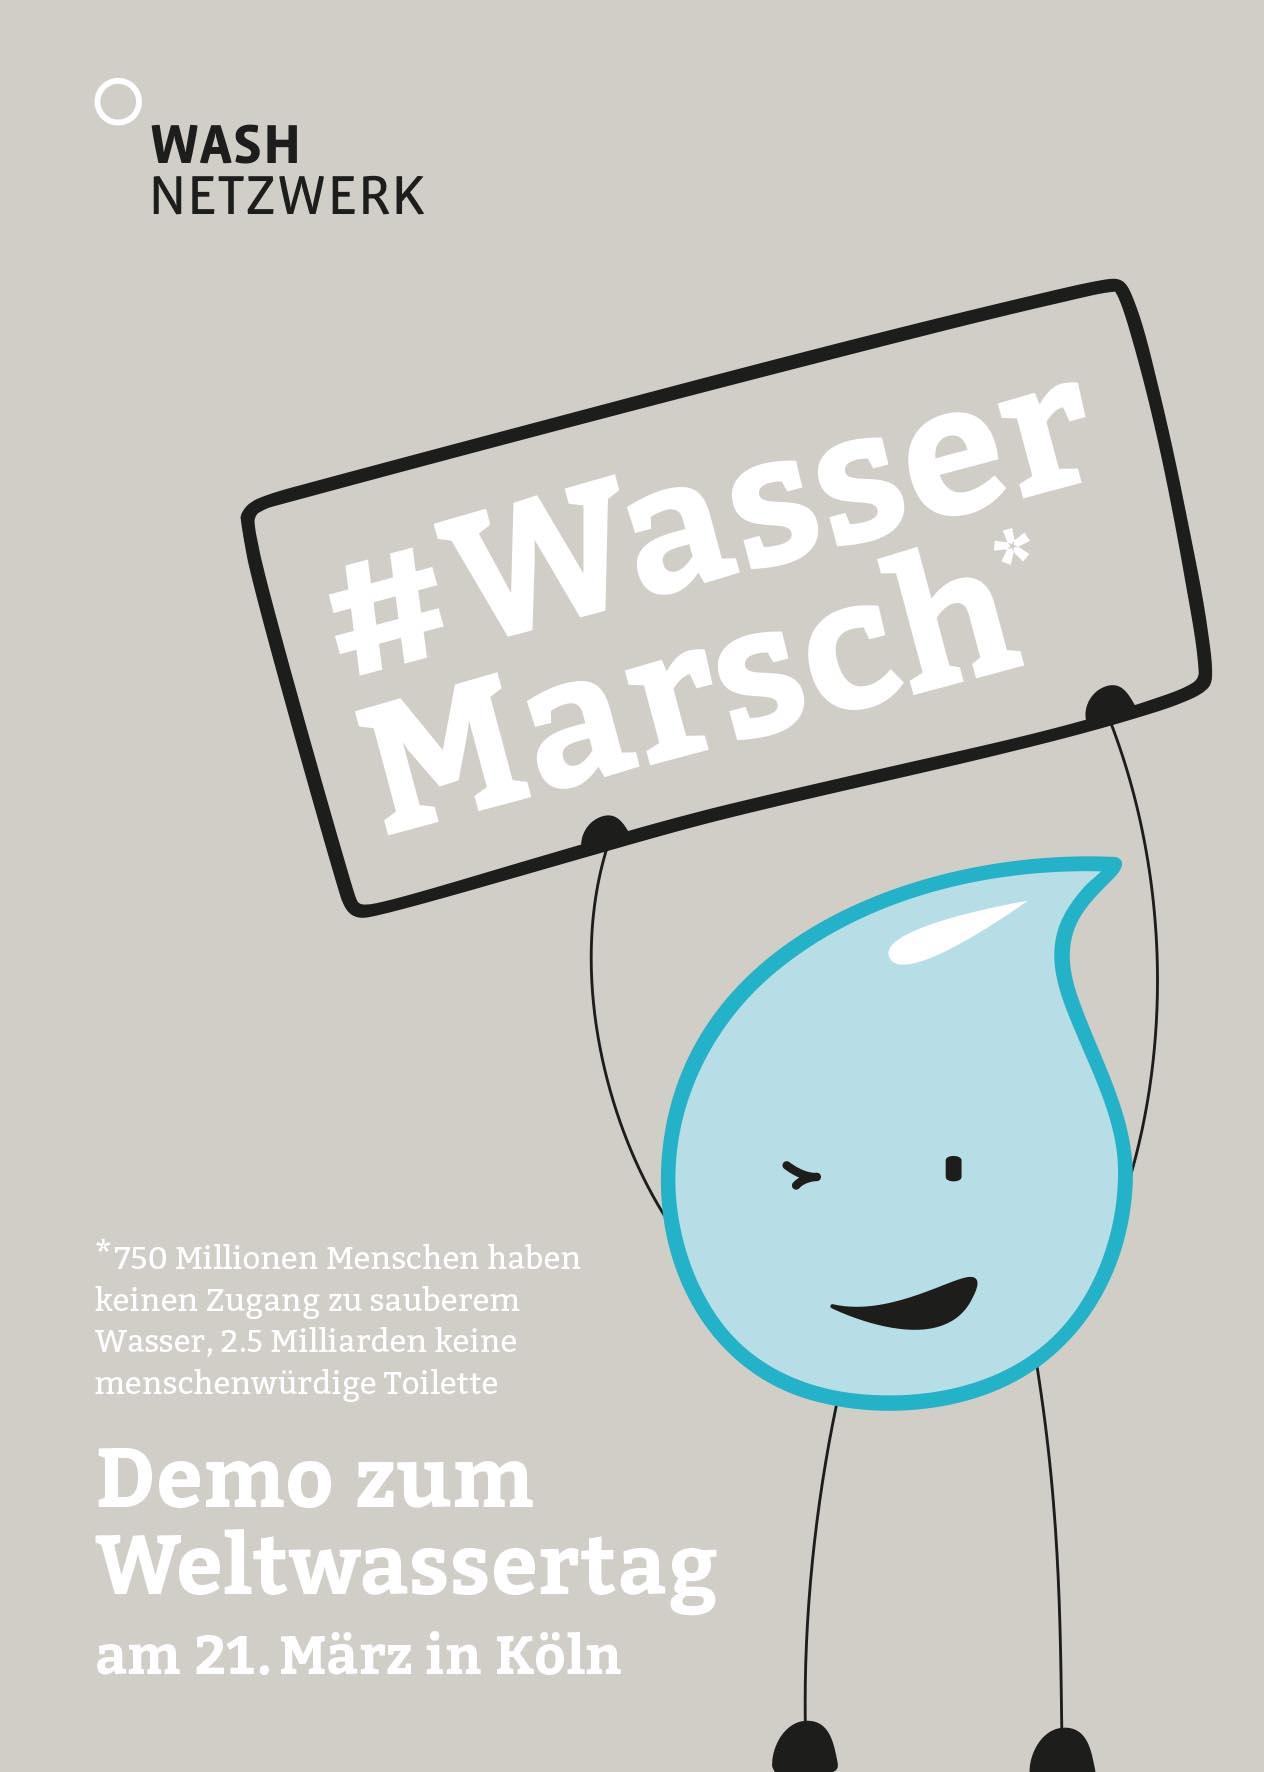 GTO_2015 - WasserMarsch_Postkarte hoch_4C_AB.indd